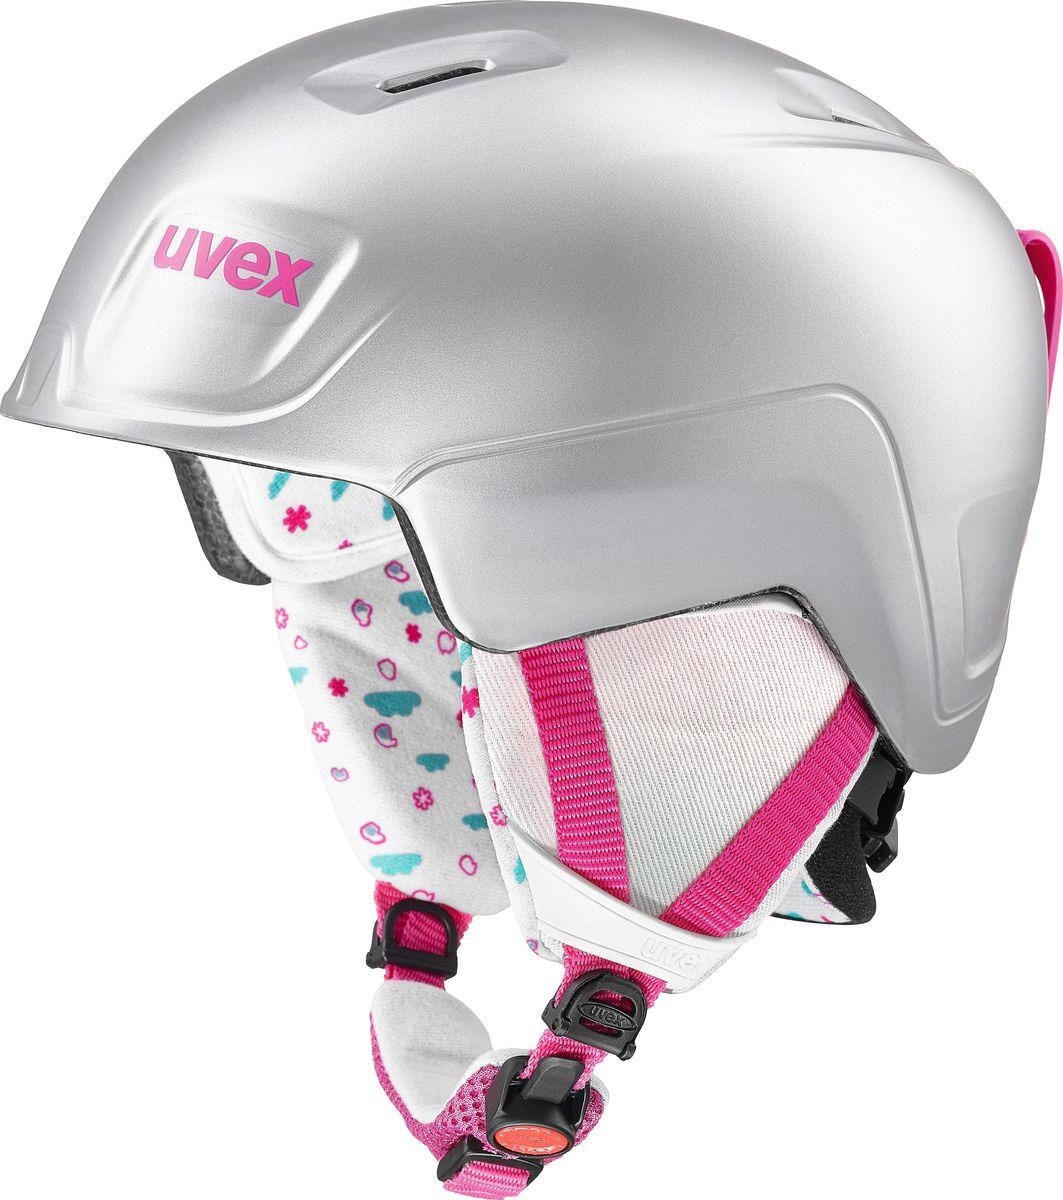 Шлем горнолыжный для девочки Uvex Manic Pro Kid's Helmet, 6224-59, серый, розовый. Размер 46/50 цена и фото